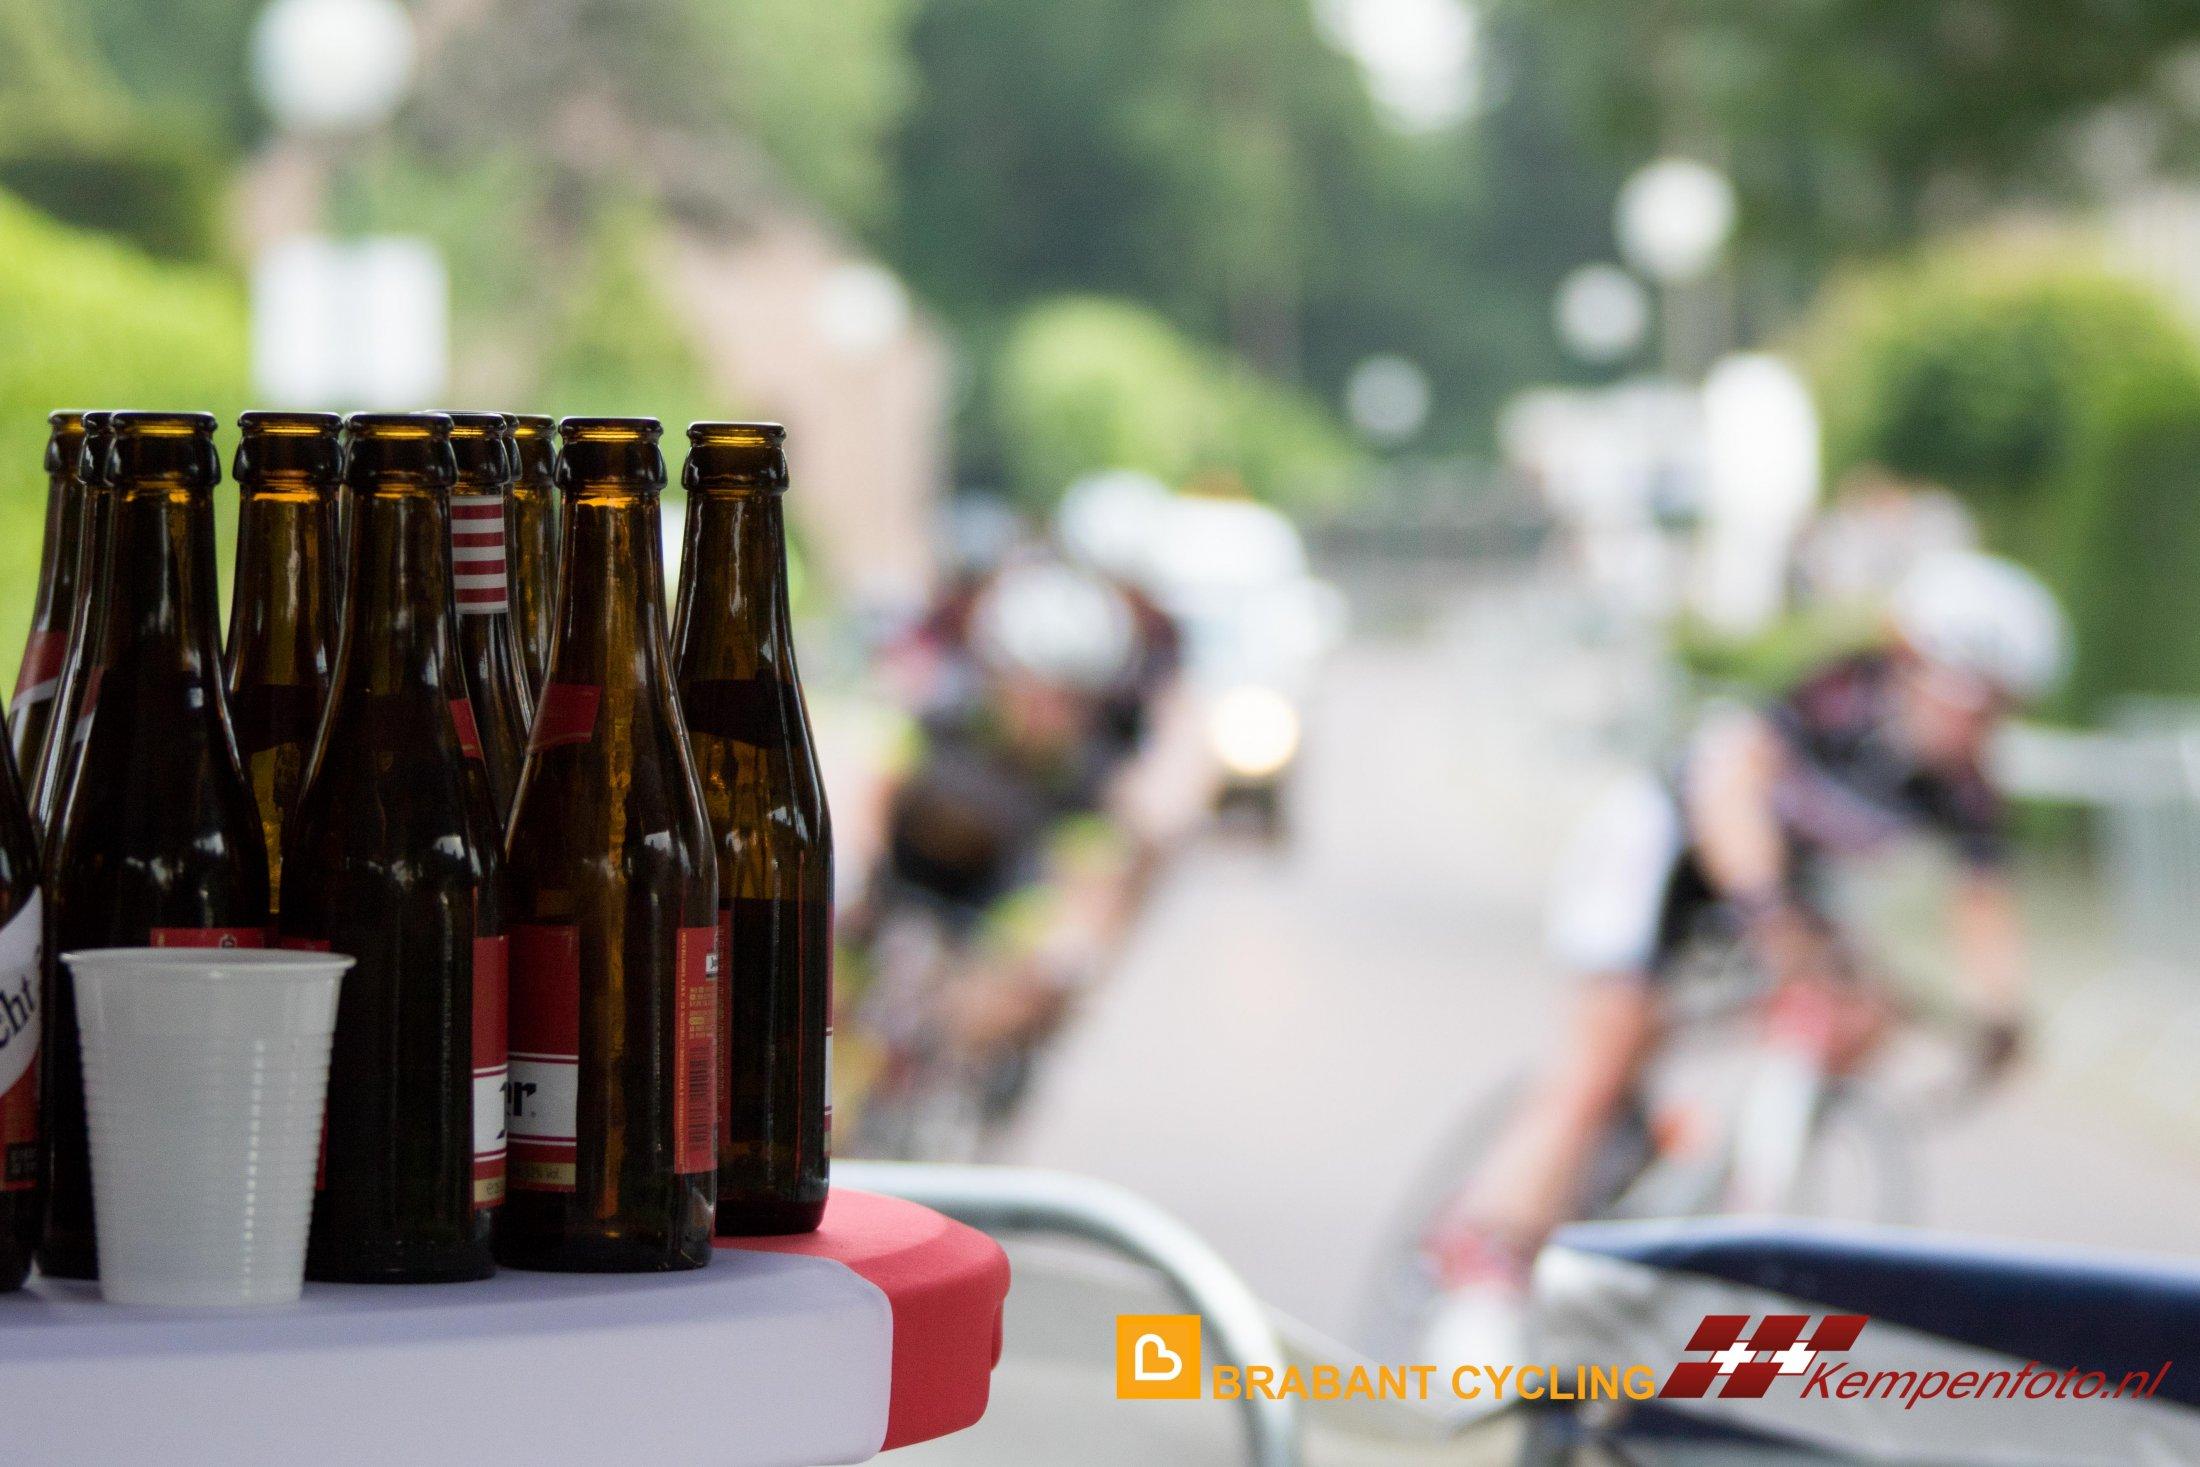 Kempenklassement Westerhoven 2016-13